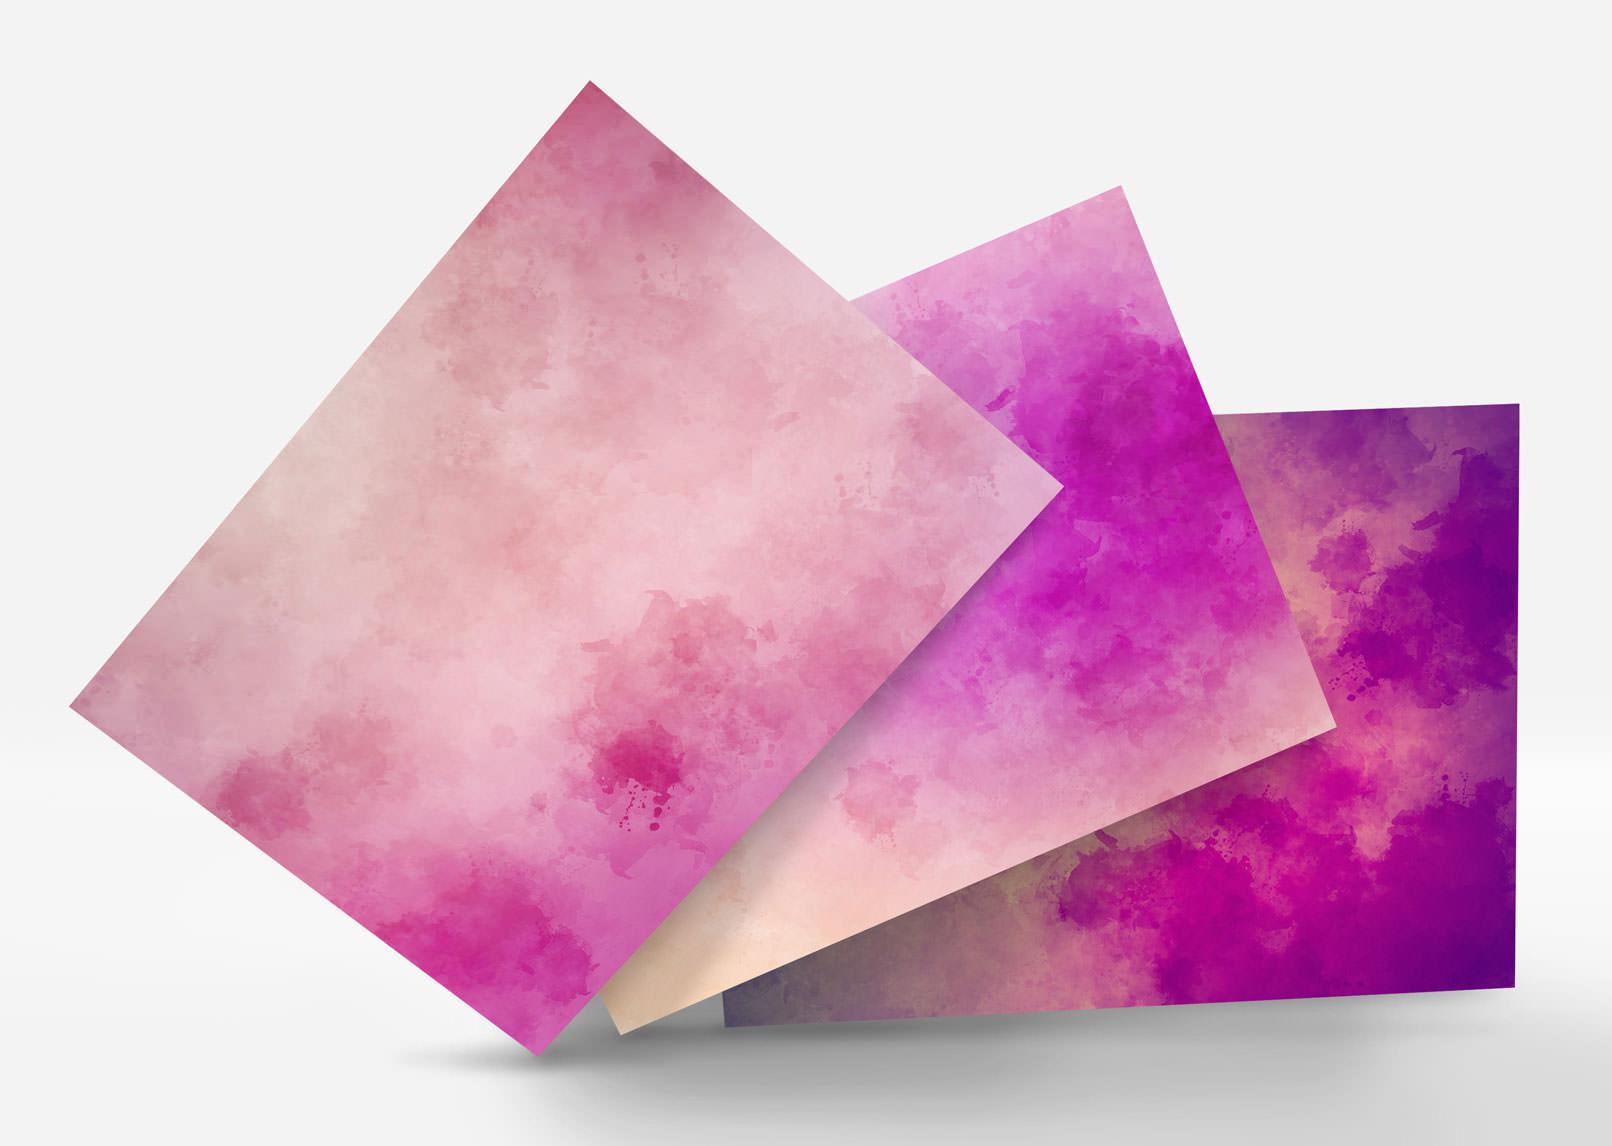 Aquarell-Hintergrund-Varianten in Rosa